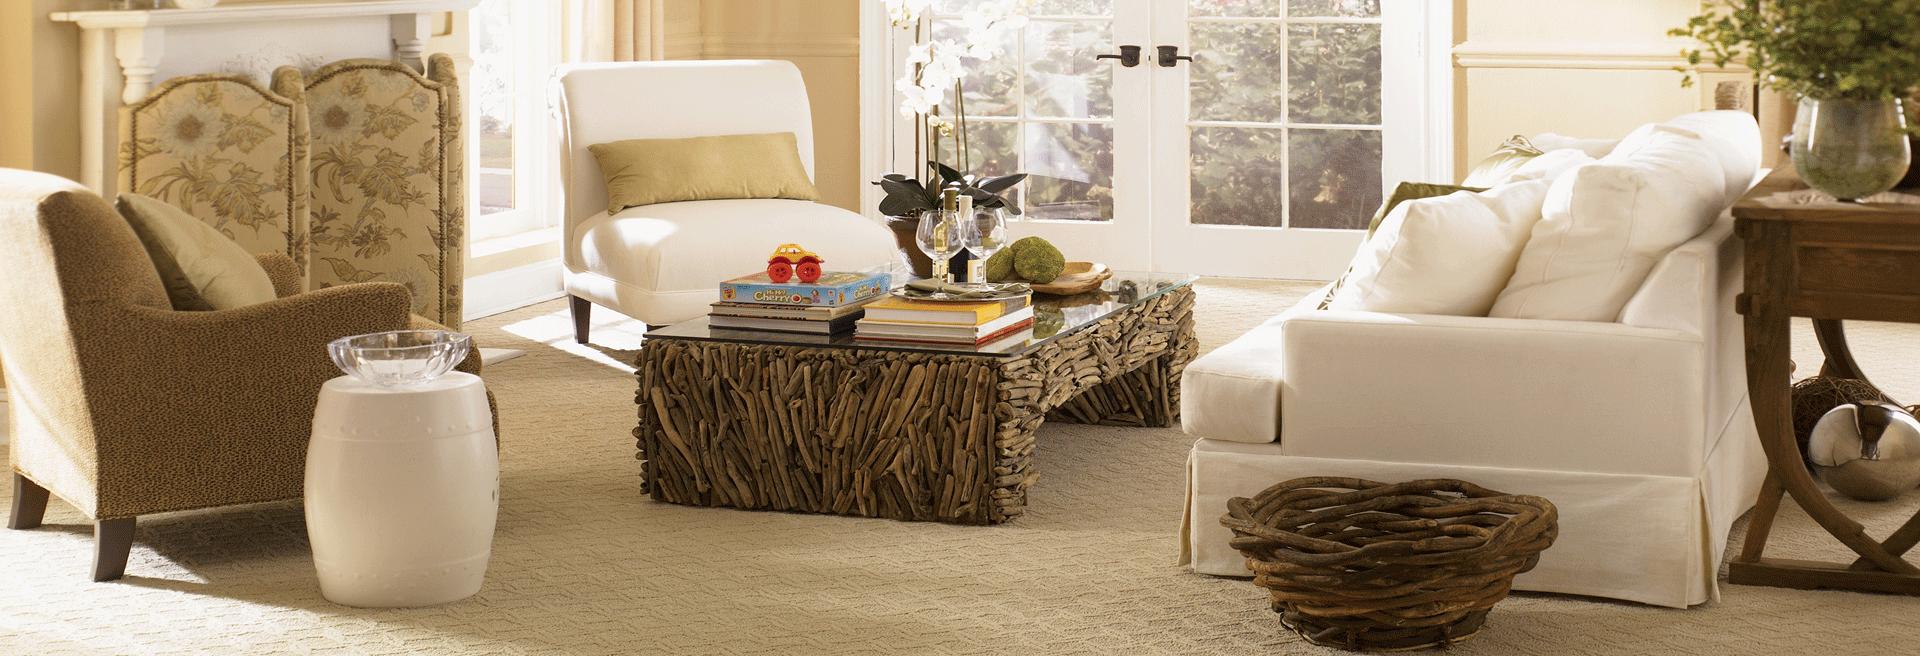 flinter-floors-carpet-fitting-1920x656